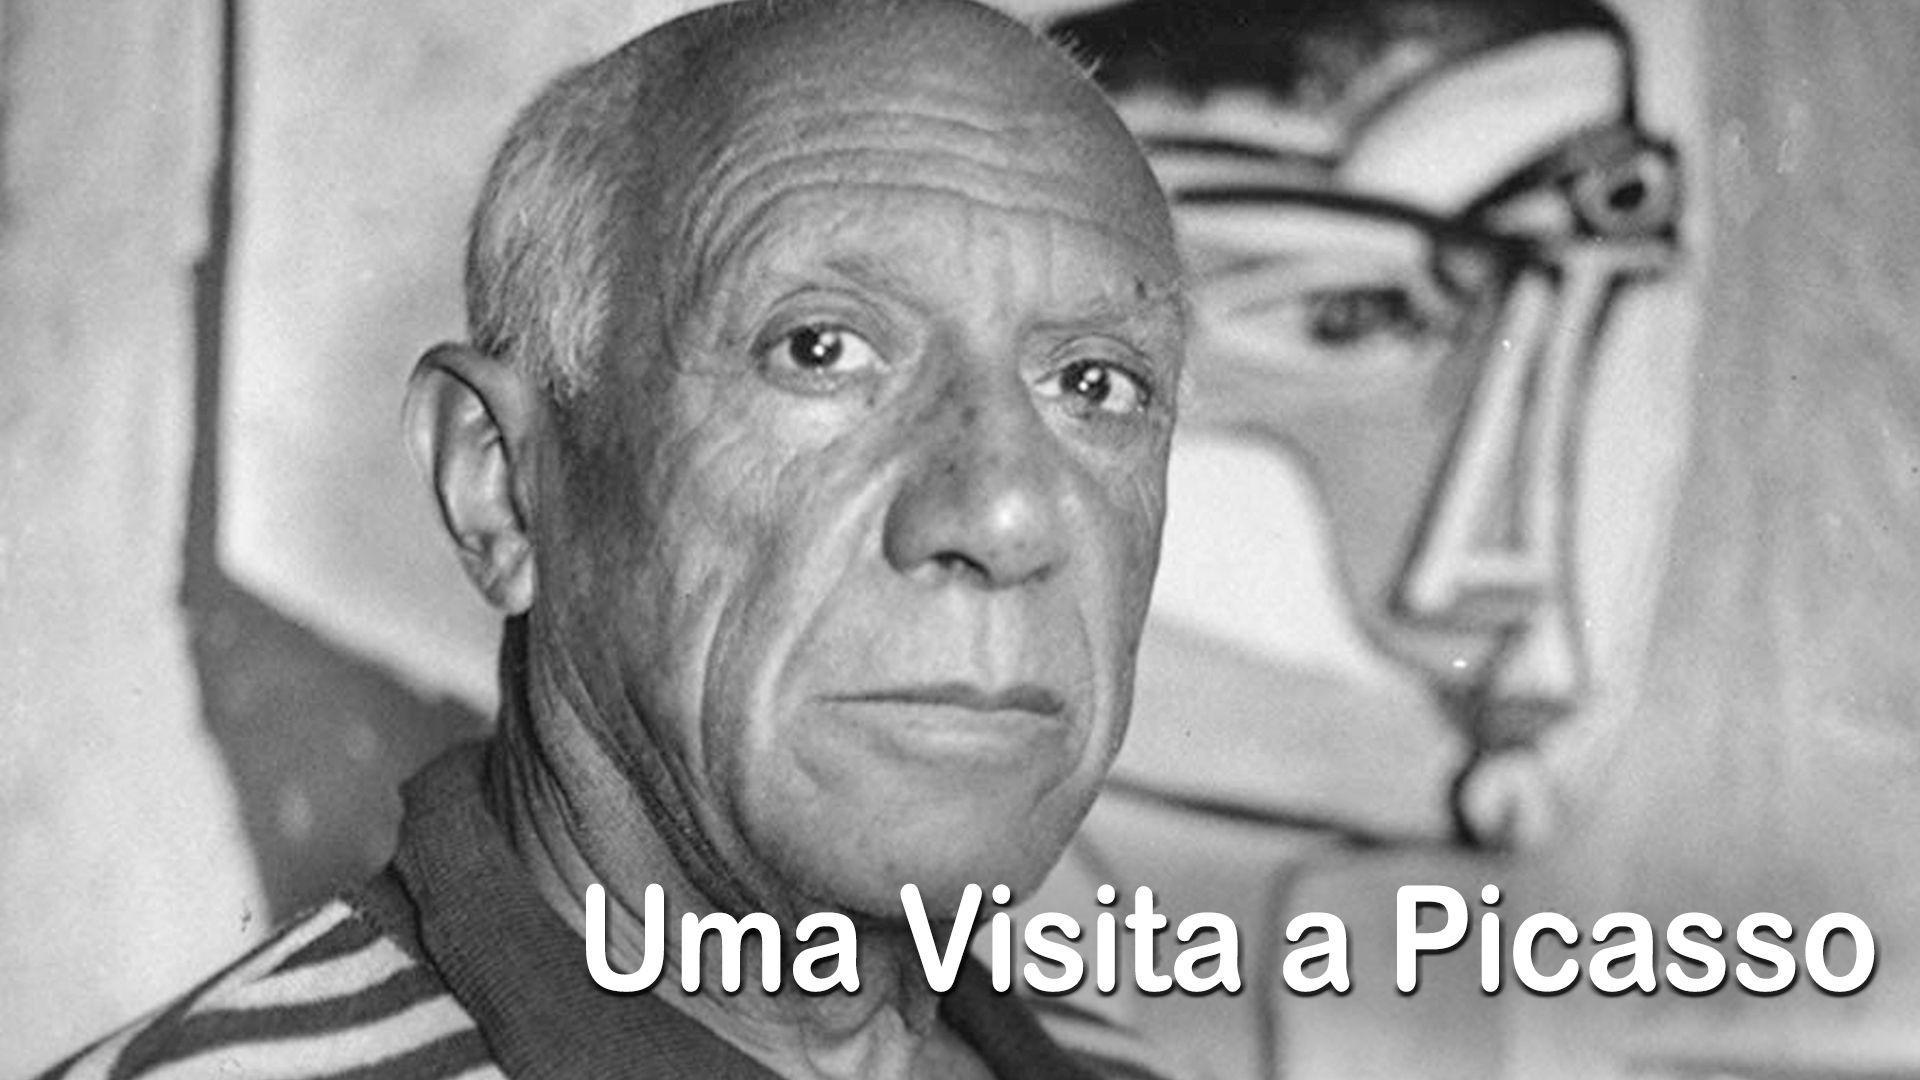 Uma Visita a Picasso